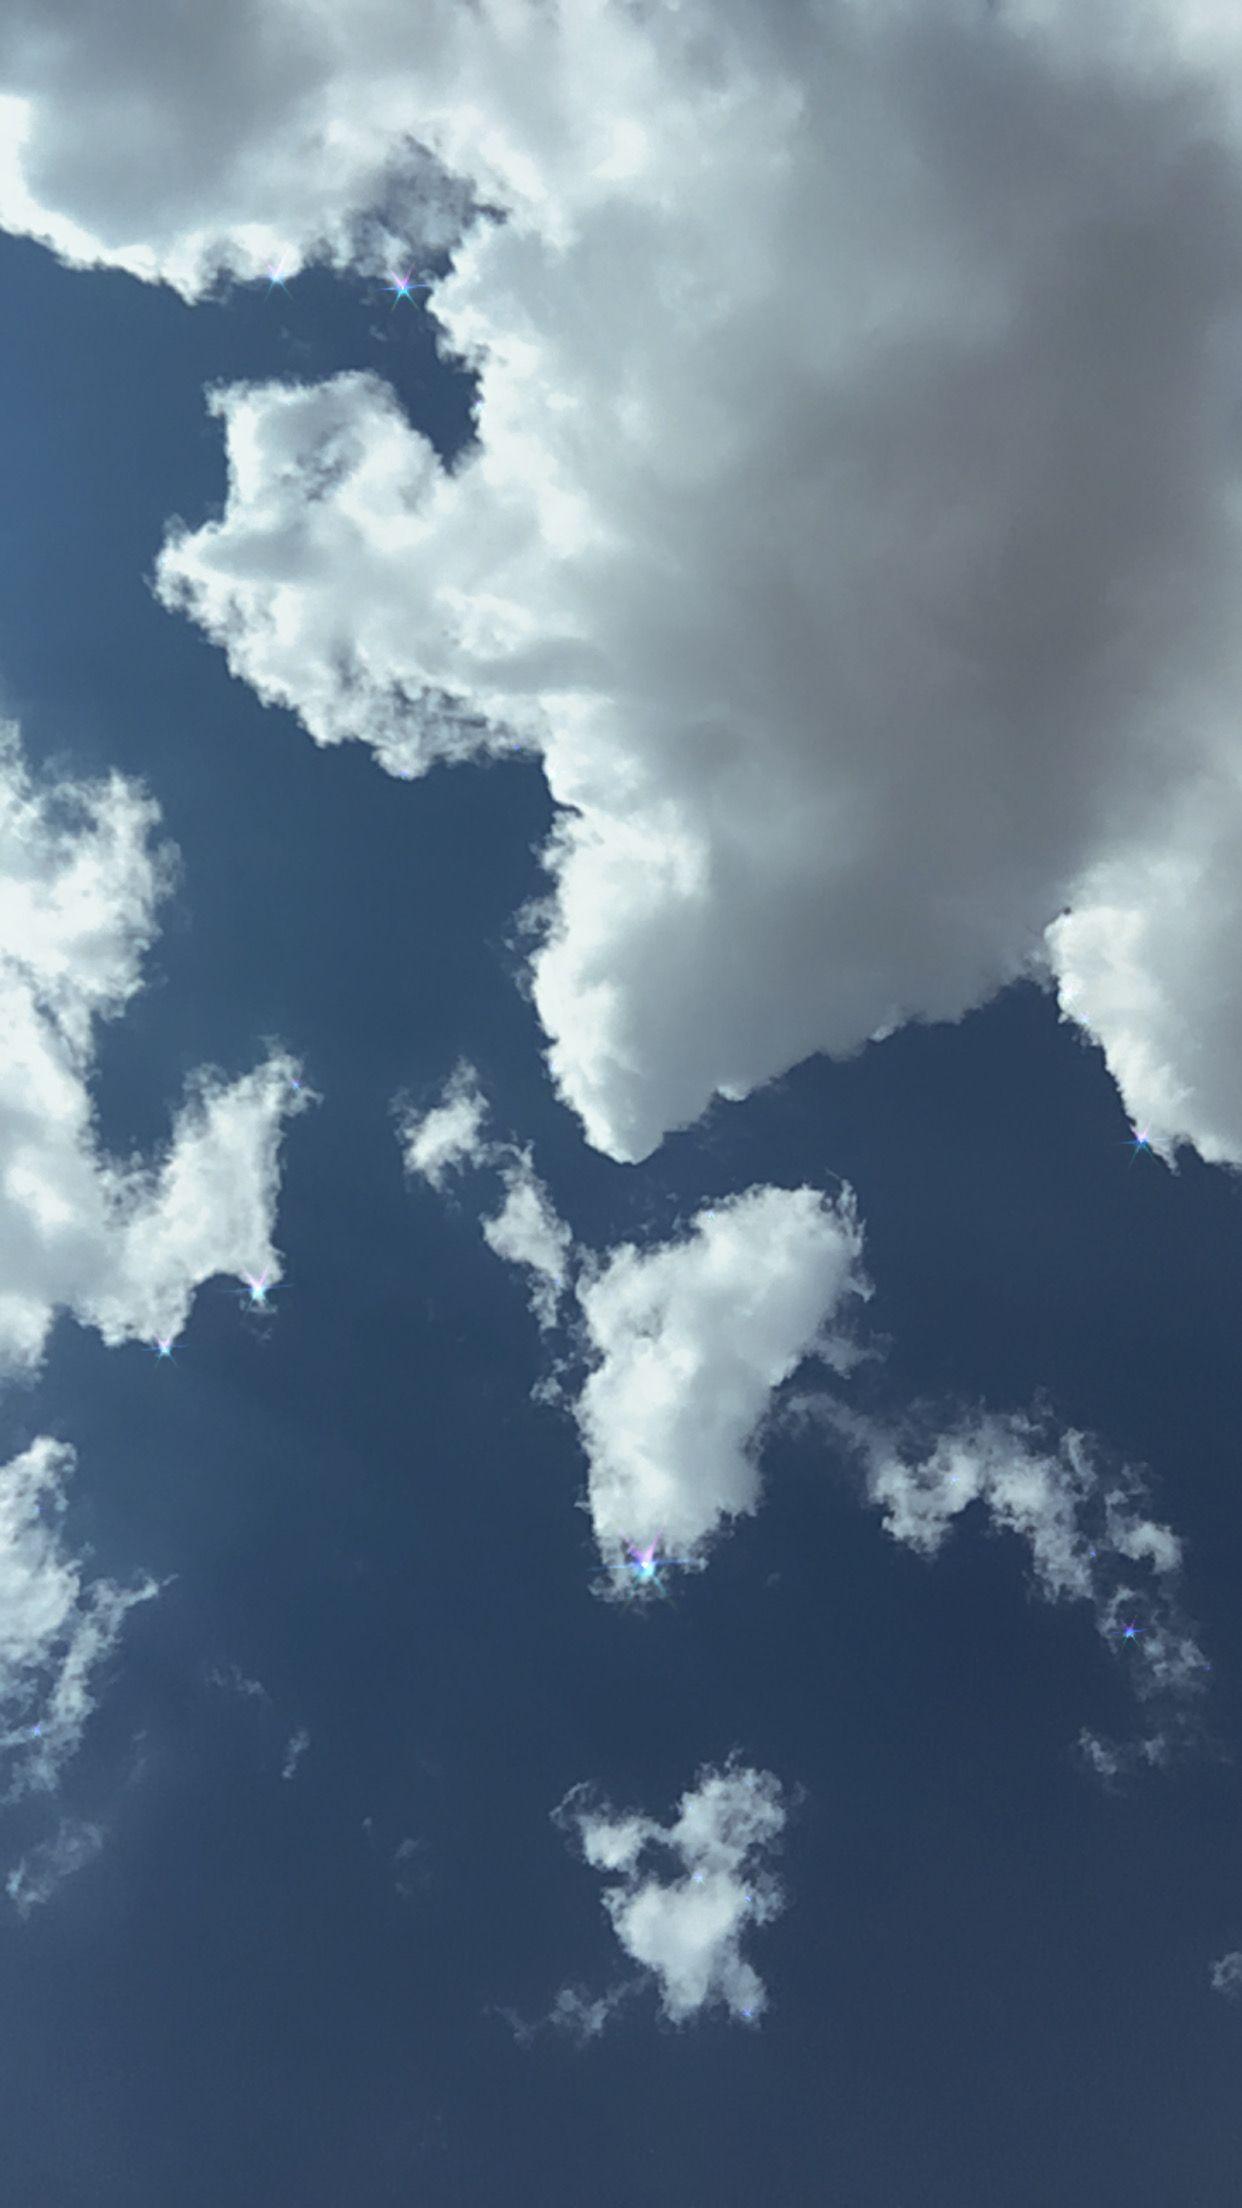 Sky Blue Aesthetic Wallpaper Dark Blue Wallpaper Blue Sky Wallpaper Sky Aesthetic Aesthetic dark blue sky wallpaper